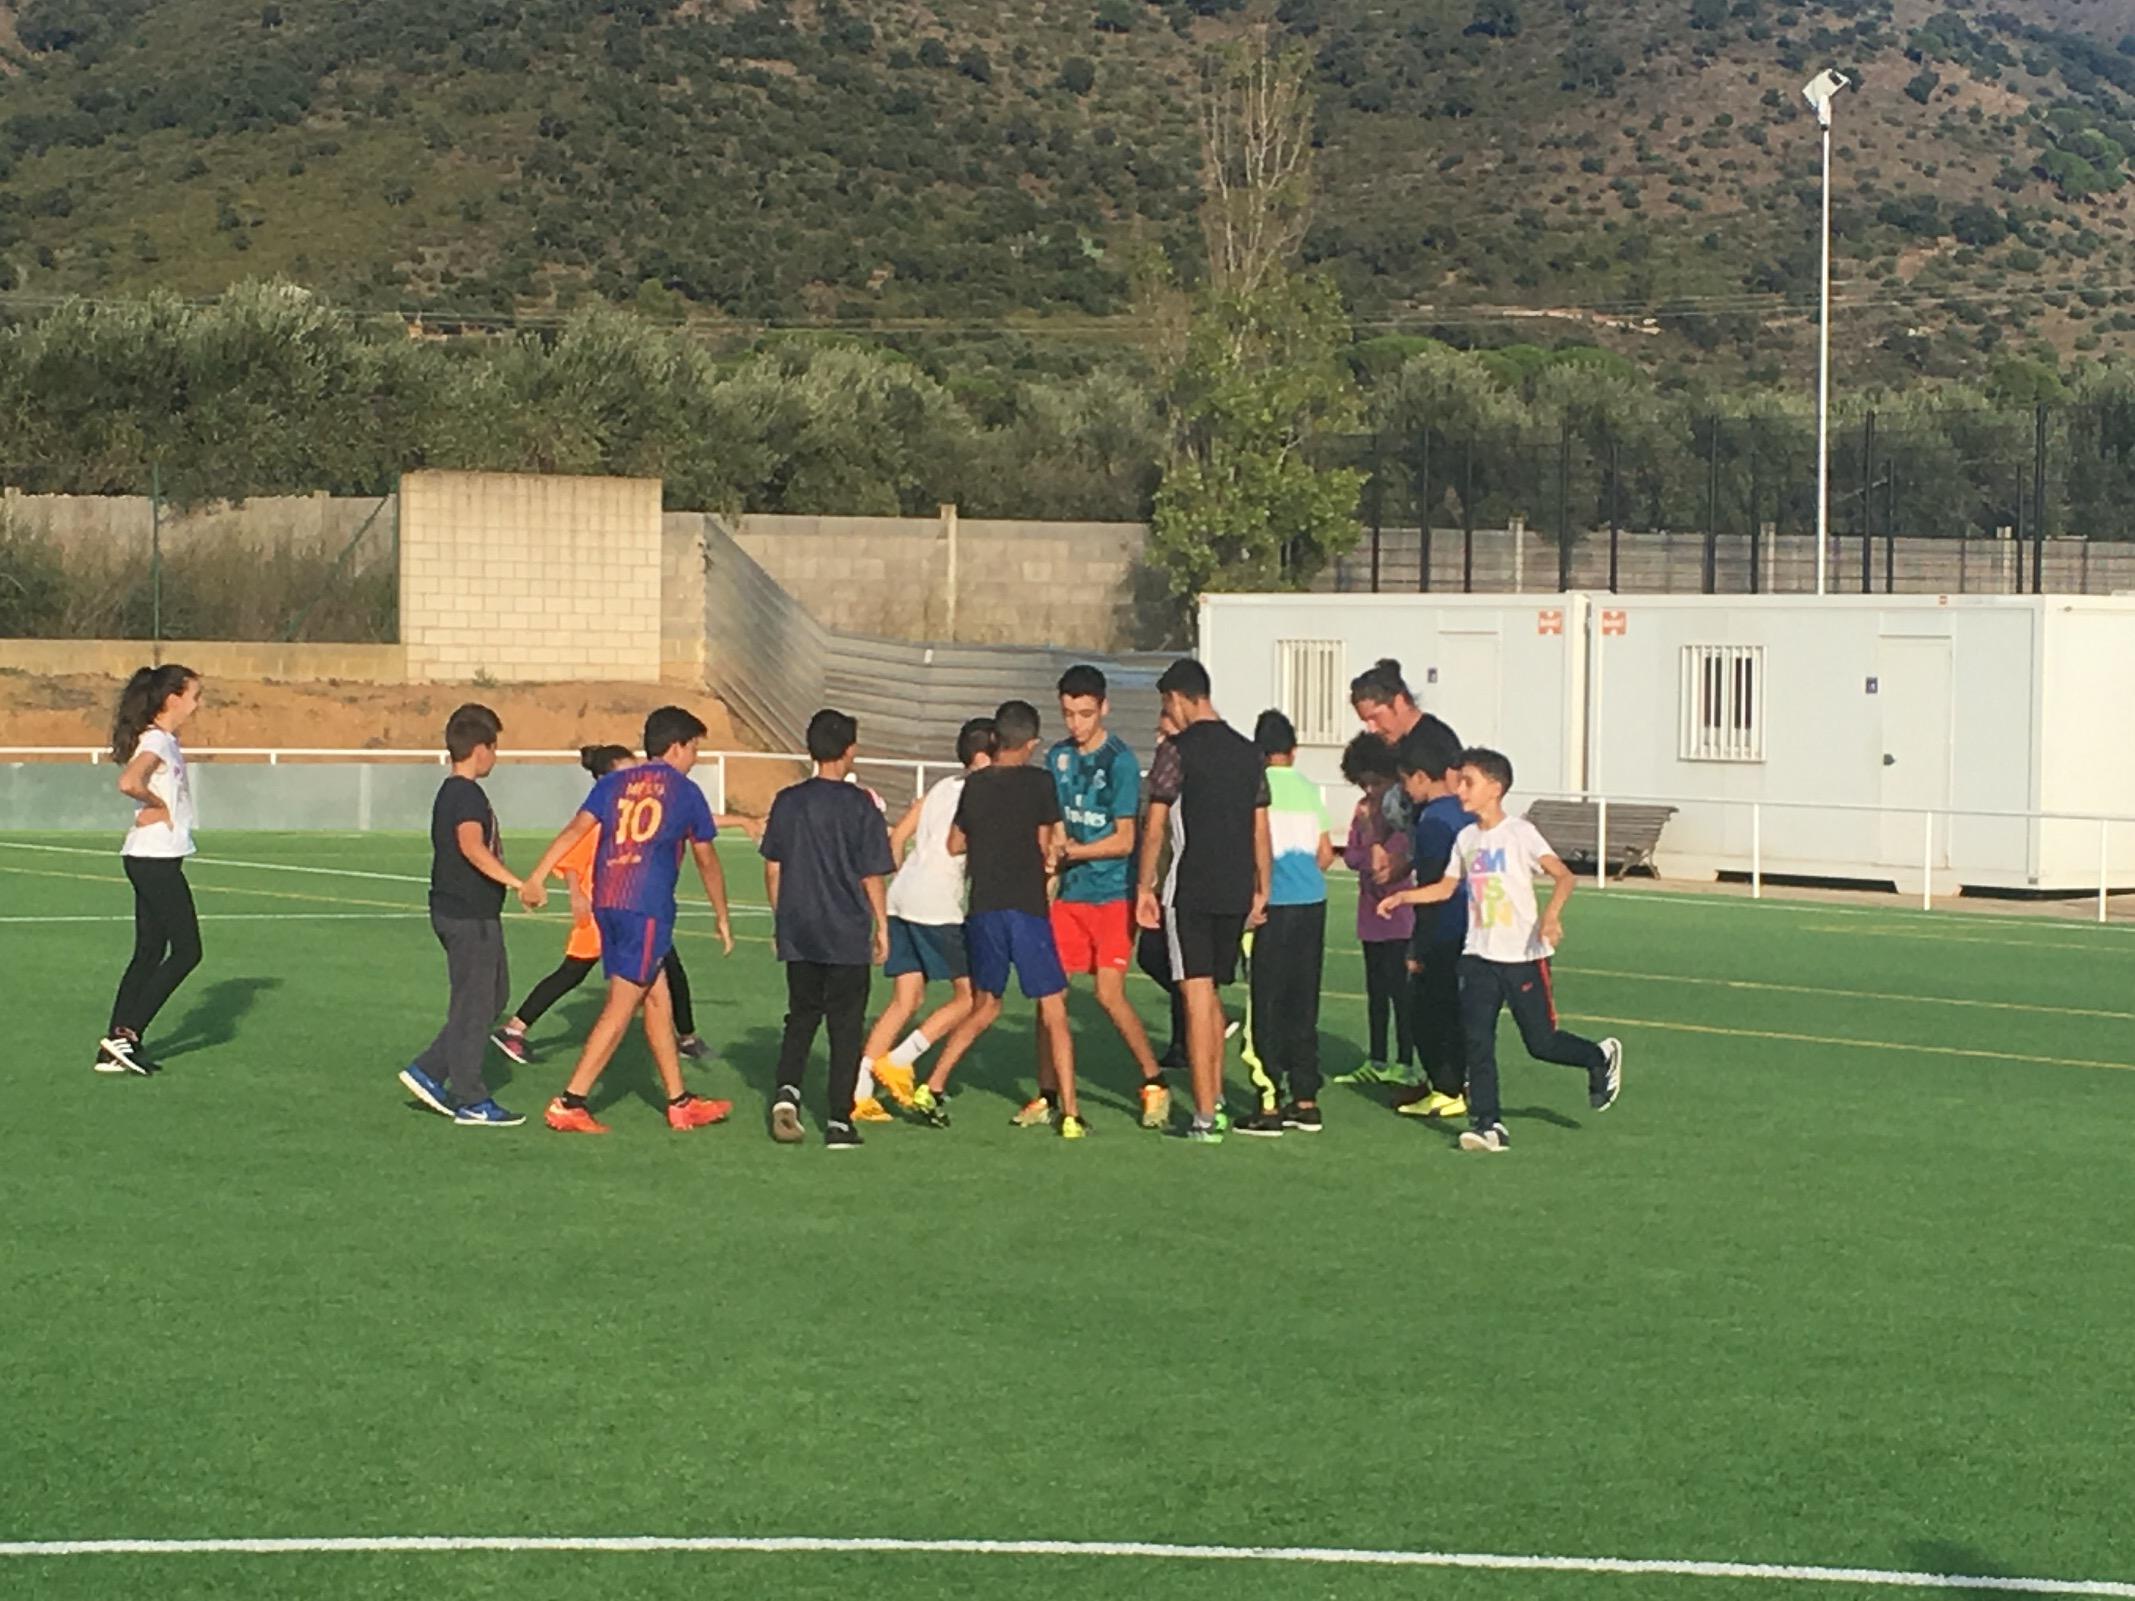 Roses educa en els valors de l'esport amb el projecte FutbolNet de la Fundació FC Barcelona